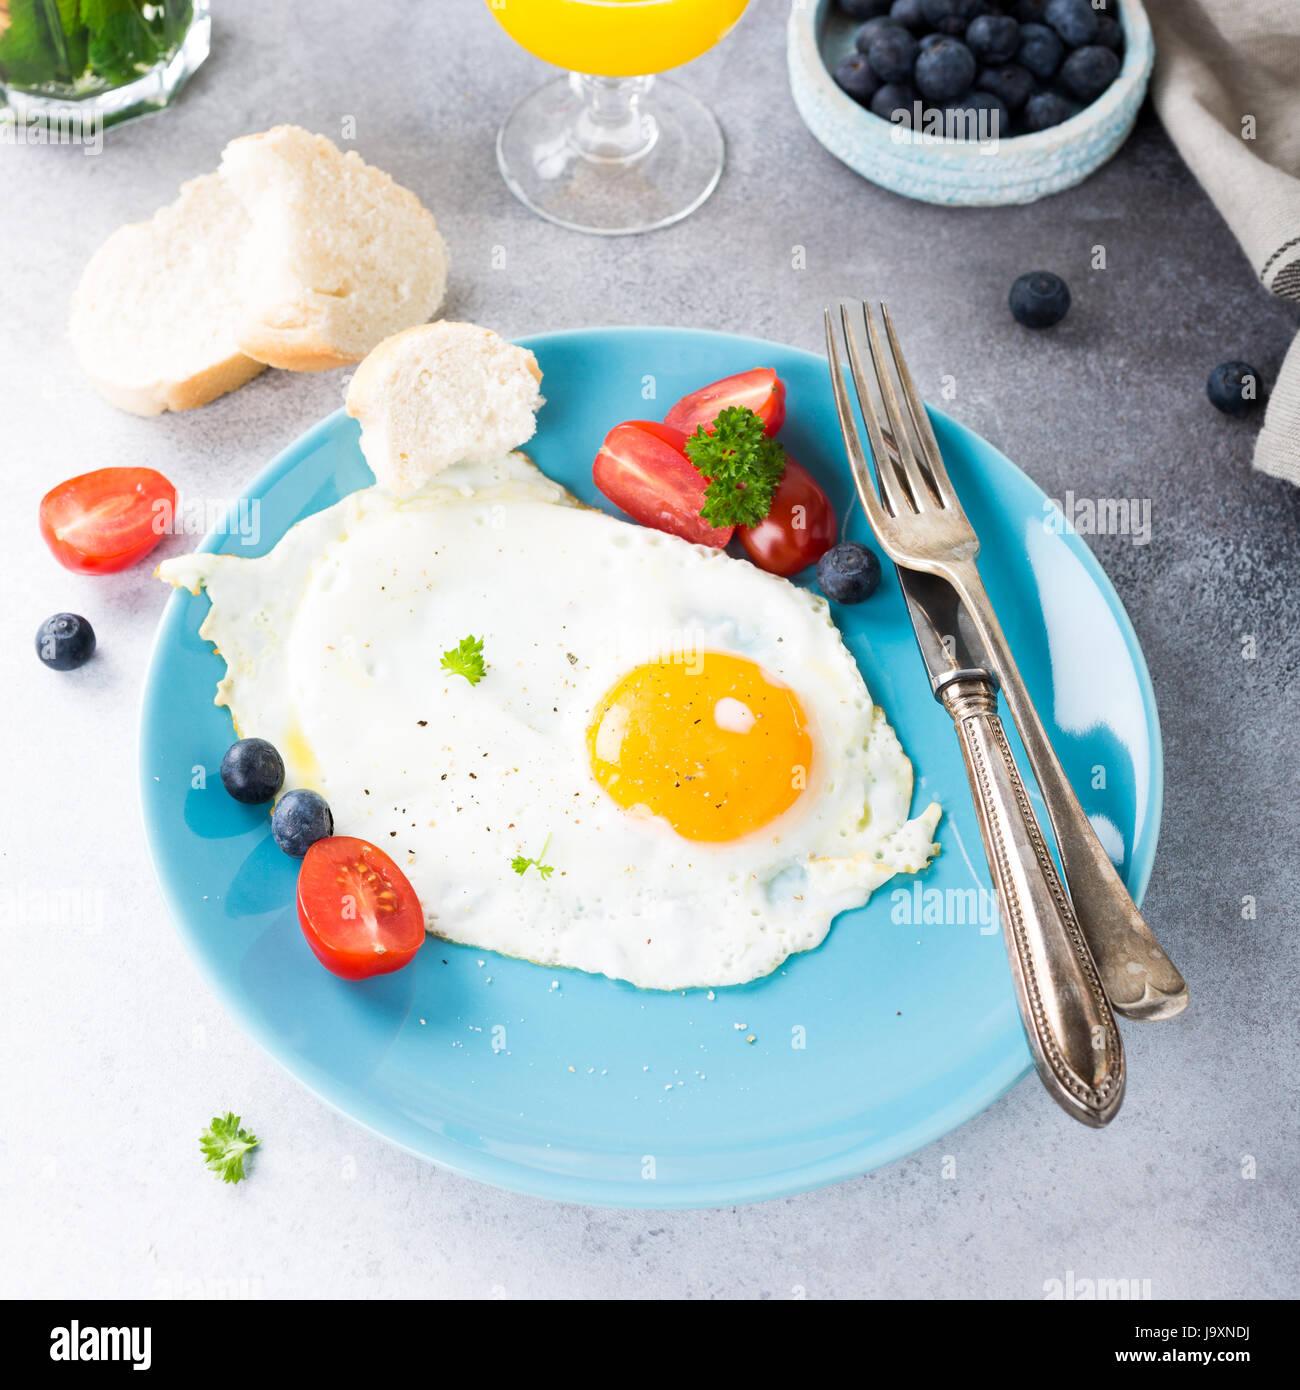 Uova fritte e succo di arancia Immagini Stock